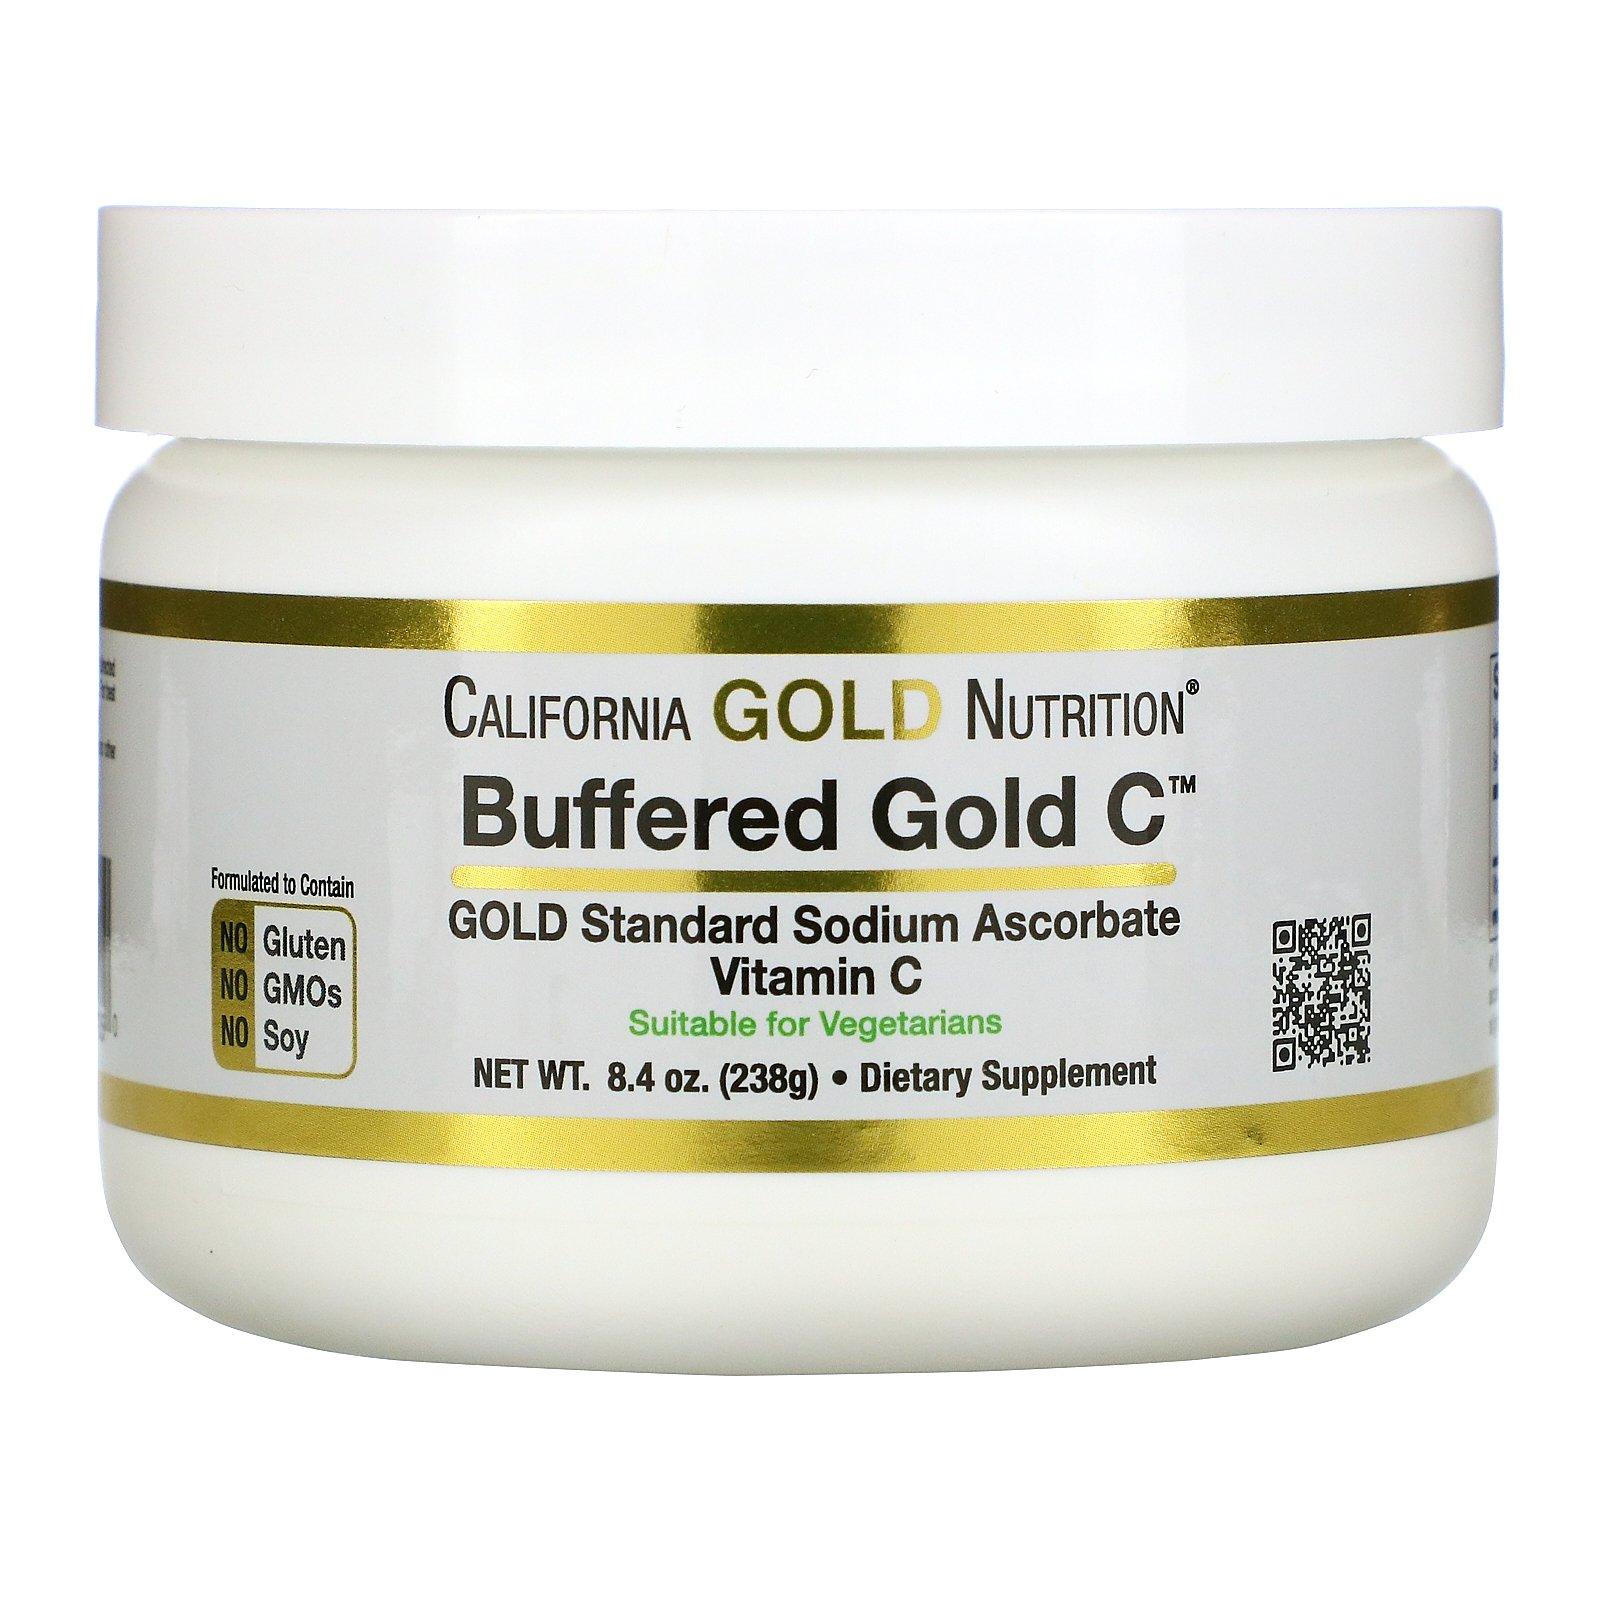 California Gold Nutrition, Buffered Gold C, некислый буферизованный витамин C в форме порошка, аскорбат натрия, 238 г (8,4 унции)